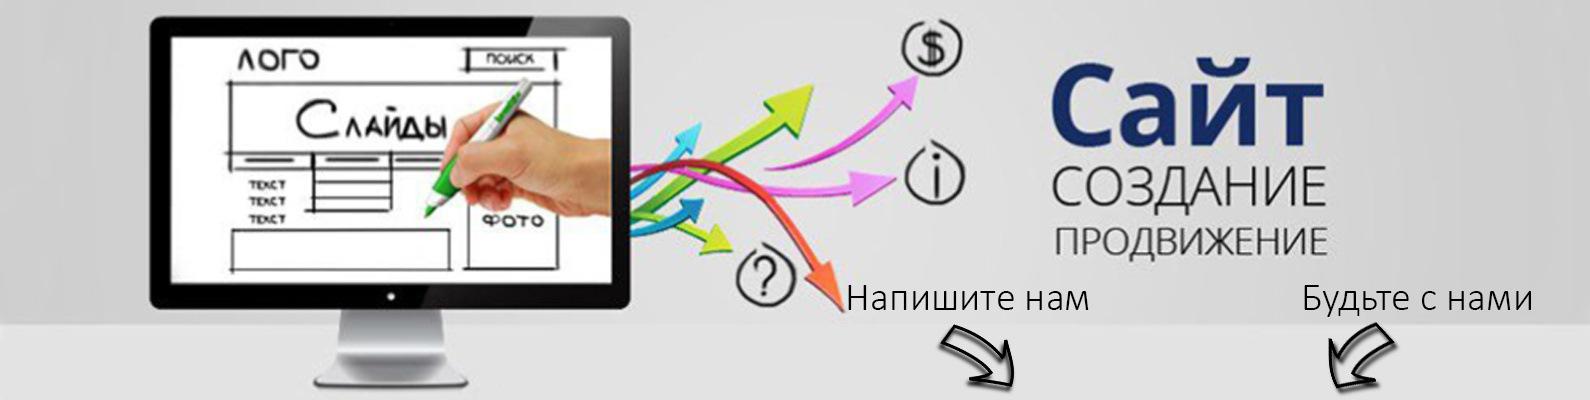 Продвижение сайтов москва поиск клиентов вконтакте разработка и создание сайтов москва цены